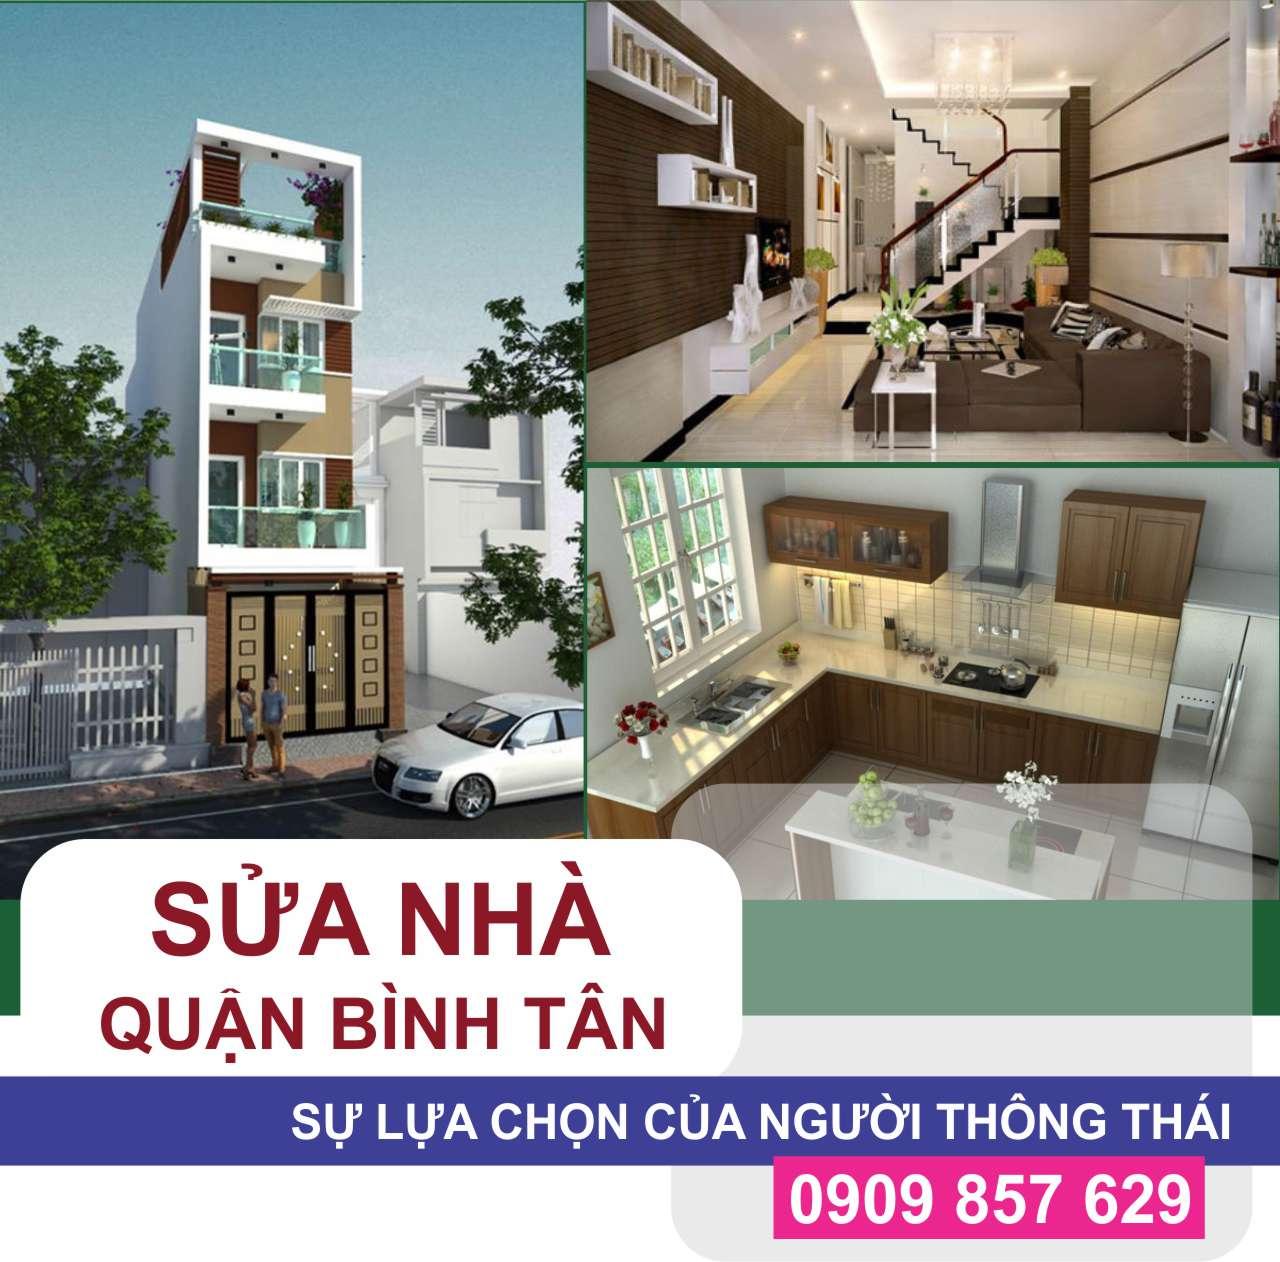 Nhà thầu chuyên sửa nhà tại Quận Bình Tân